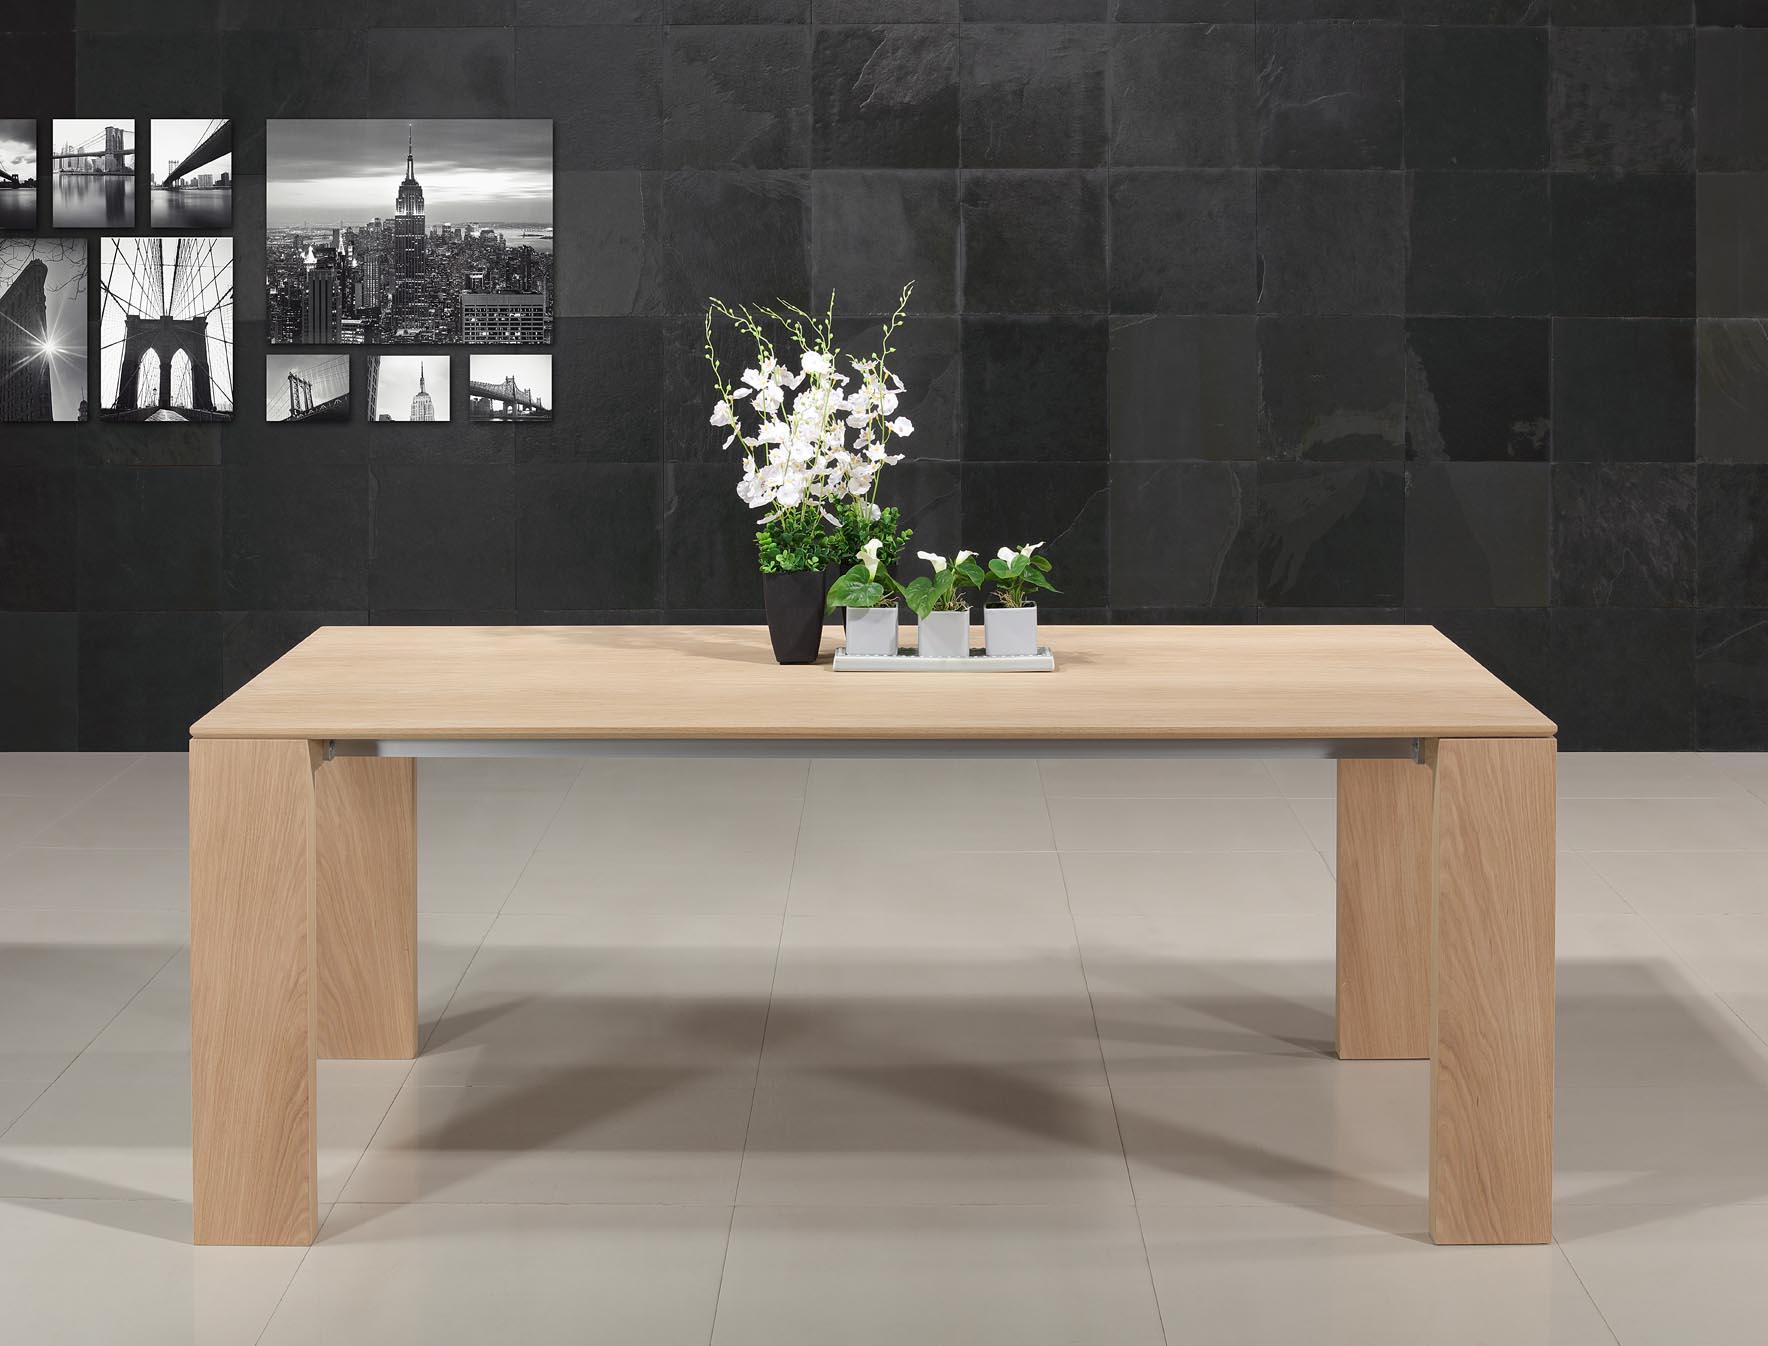 Table rectangulaire  196x100 de salle à manger avec 1 allonge intégrées de 88 cm C'EST LA DERNIERE (cette table ne sera plus fabriquée)